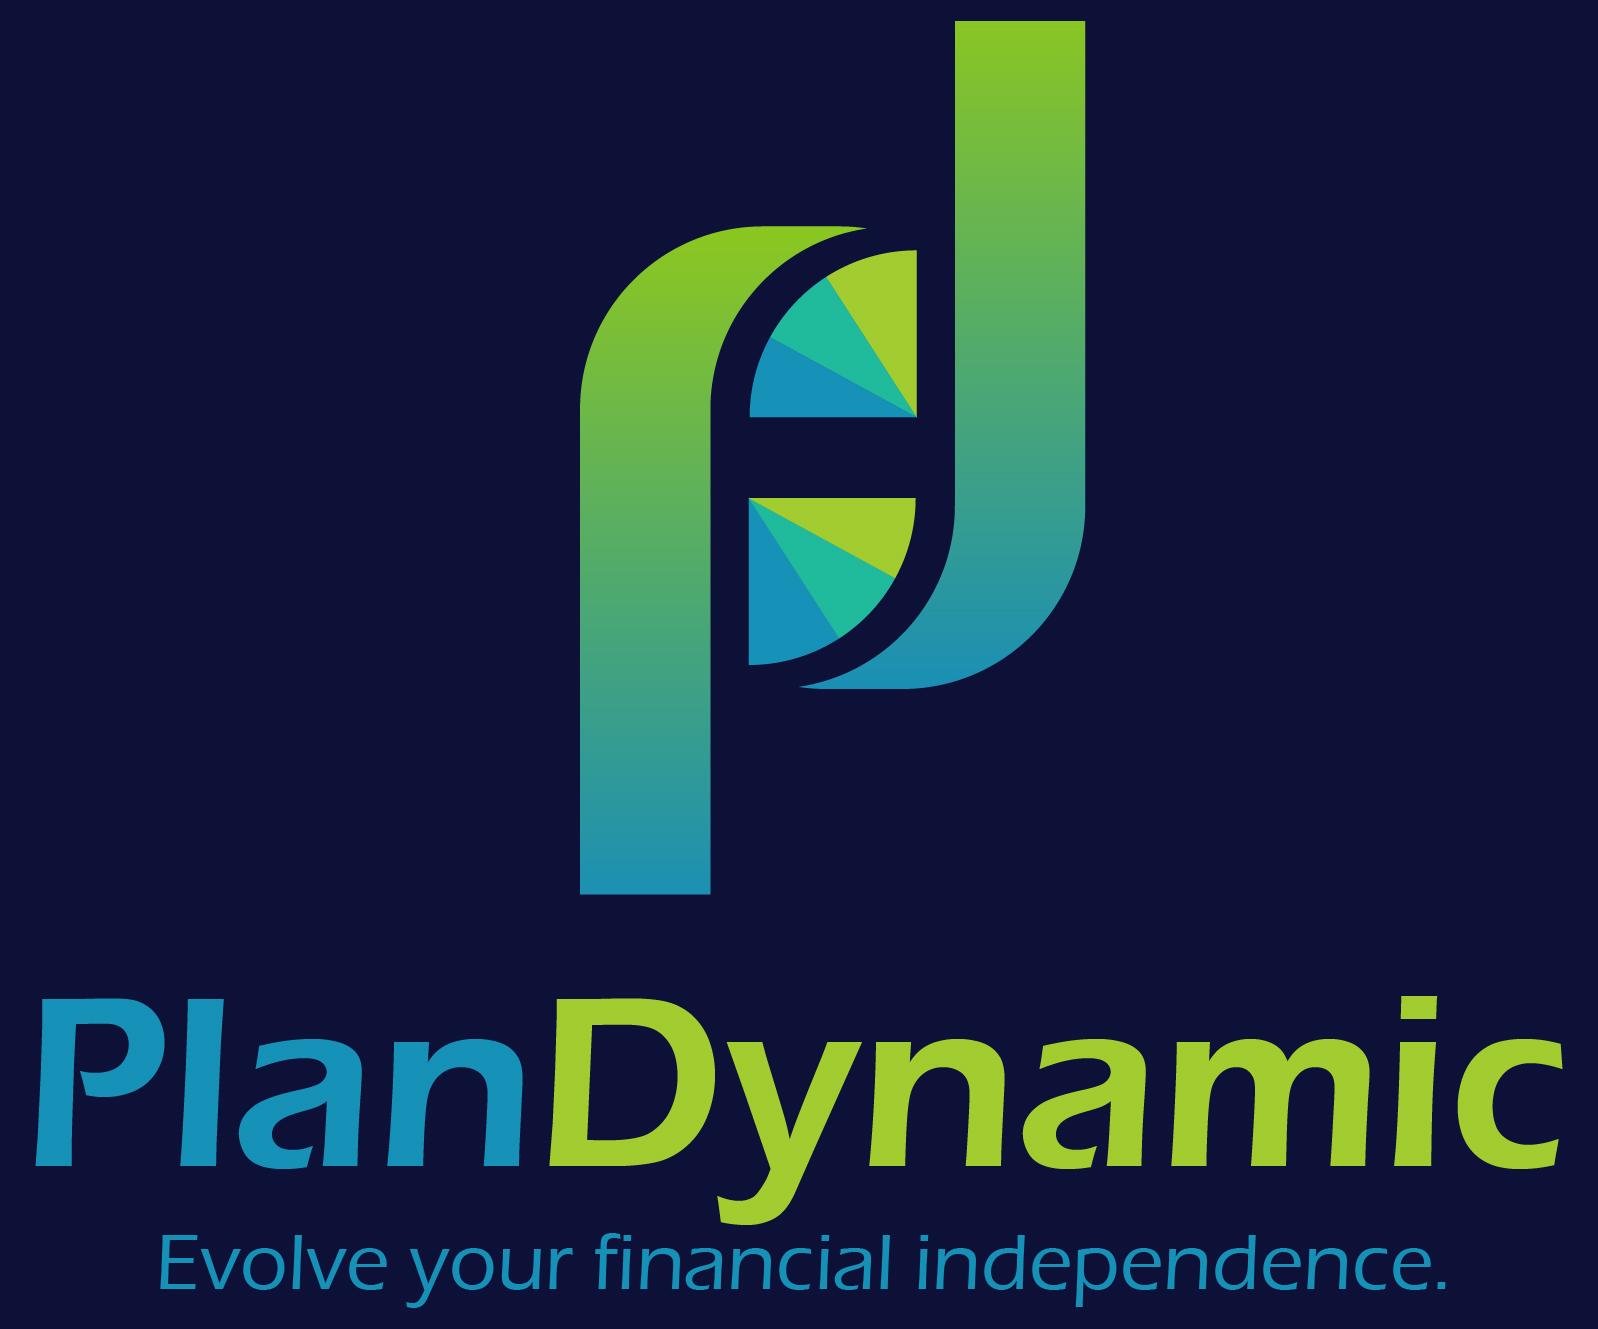 PlanDynamic 3 - Background.jpg